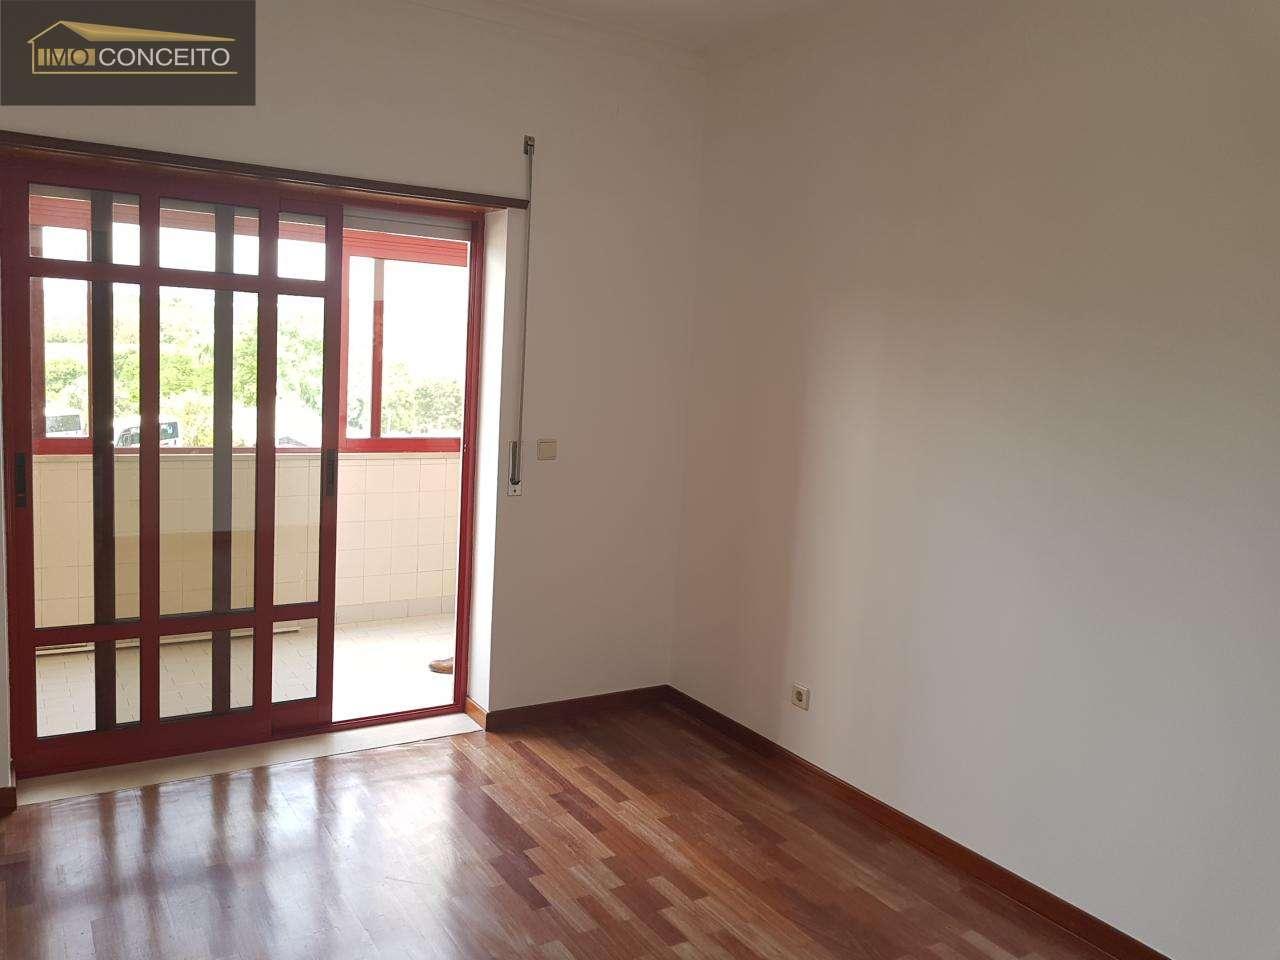 Apartamento para comprar, Nossa Senhora de Fátima, Entroncamento, Santarém - Foto 15